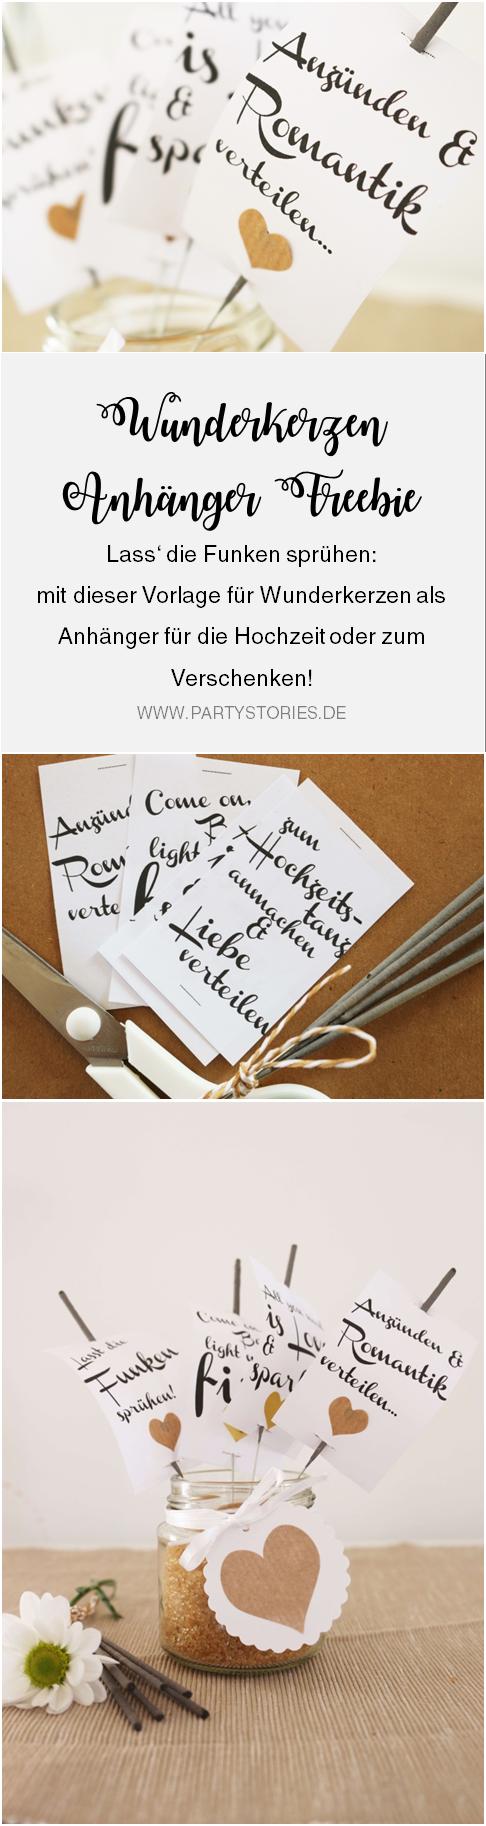 Vorlage für Wunderkerzen Anhänger als Freebie Vorlage für die Hochzeit oder zum Verschenken; gefunden auf www.Partystories.de